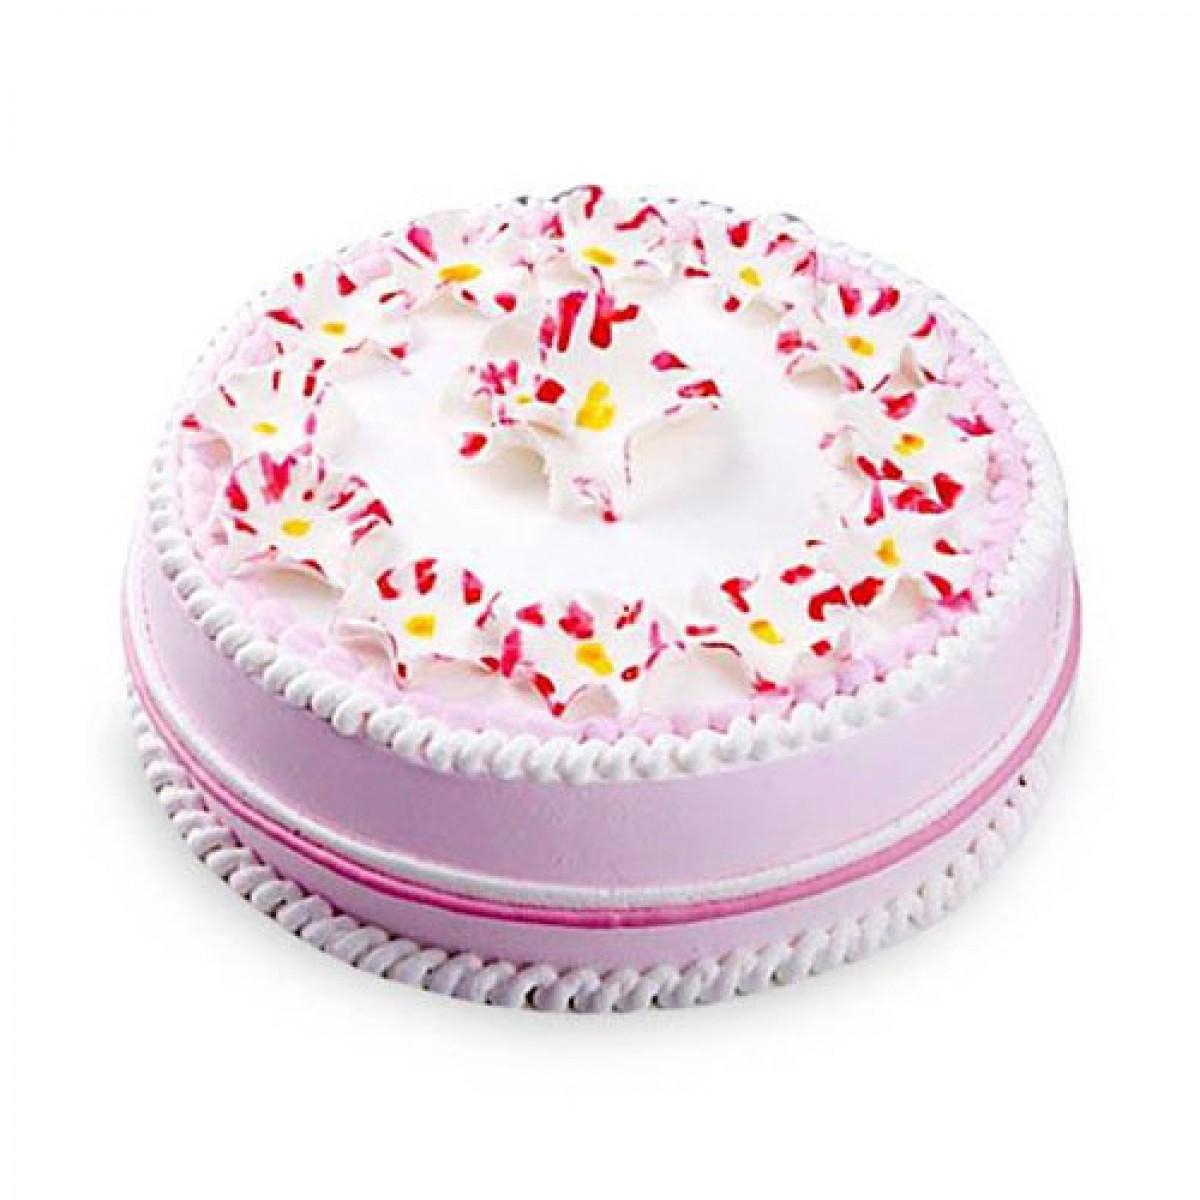 Pink Vanilla Cake Half Kg